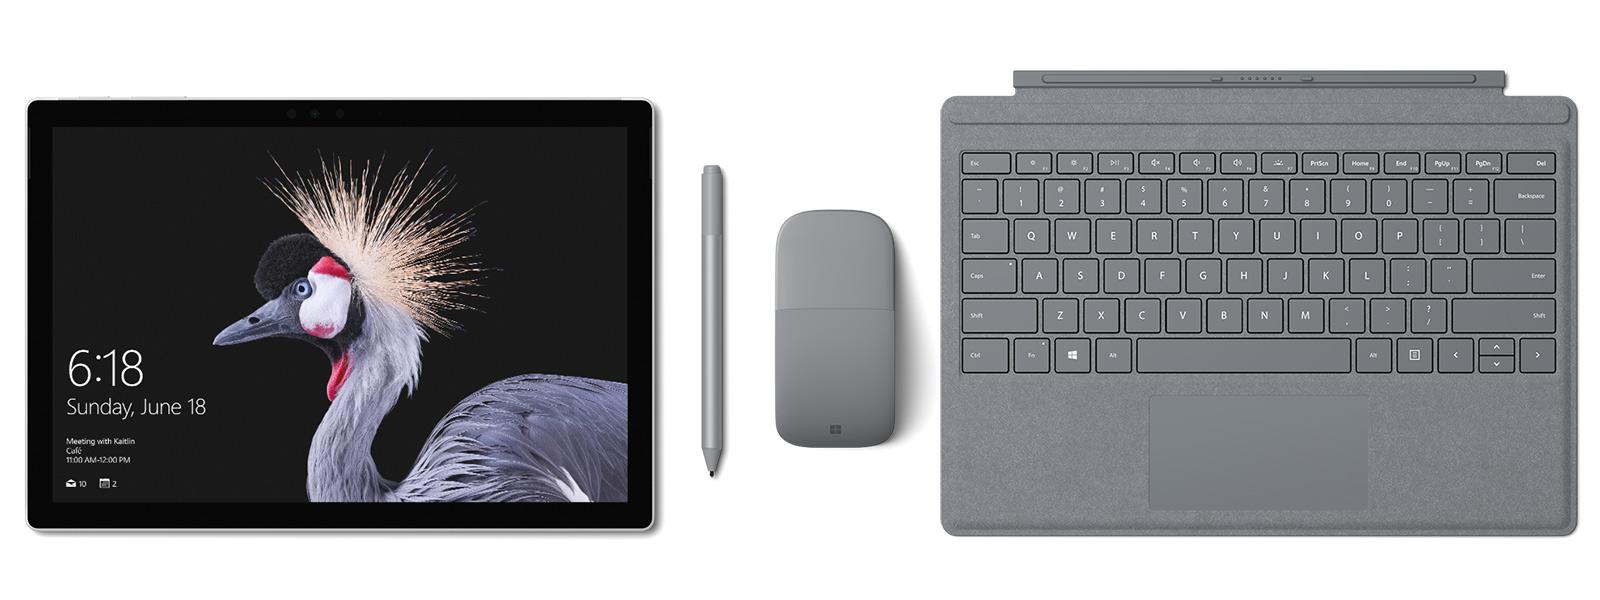 플래티늄색 Surface Pro 시그니처 타이핑 커버, Surface 펜 및 Surface Arc 마우스와 함께 있는 Surface Pro 이미지 Surface 펜 포함.